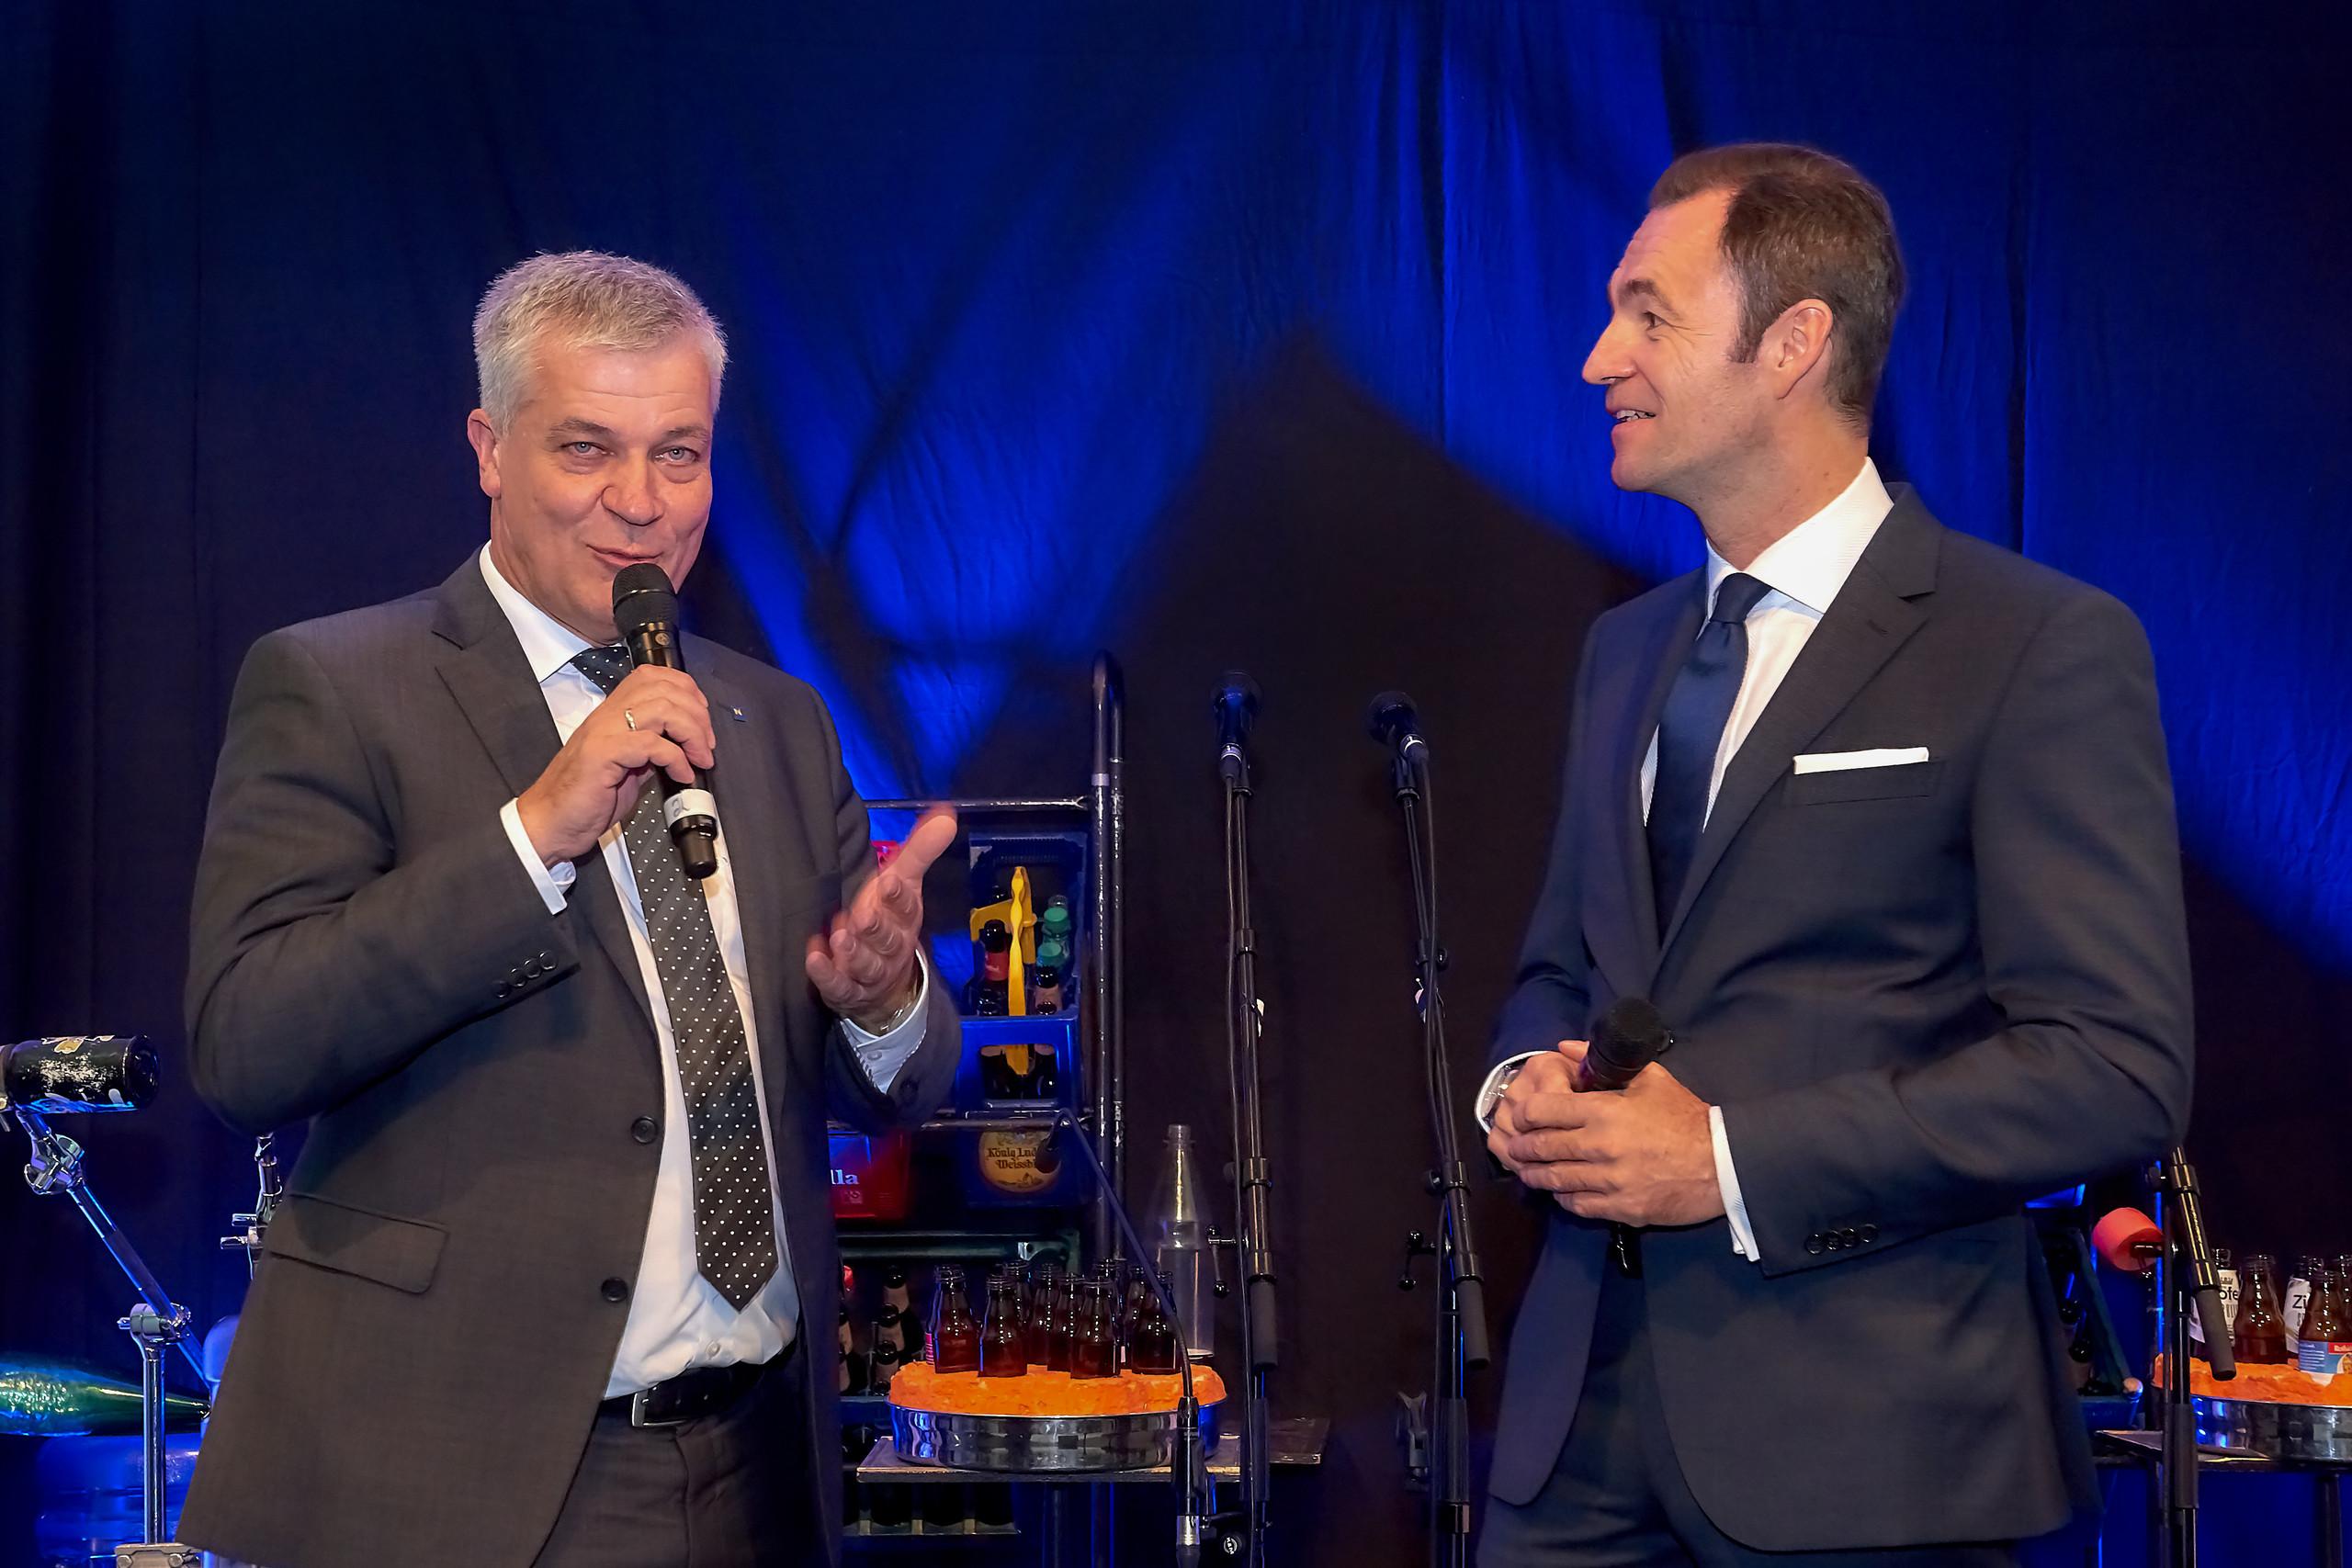 Feier anlässlich 40 Jahre Glasrecycling in Österreich